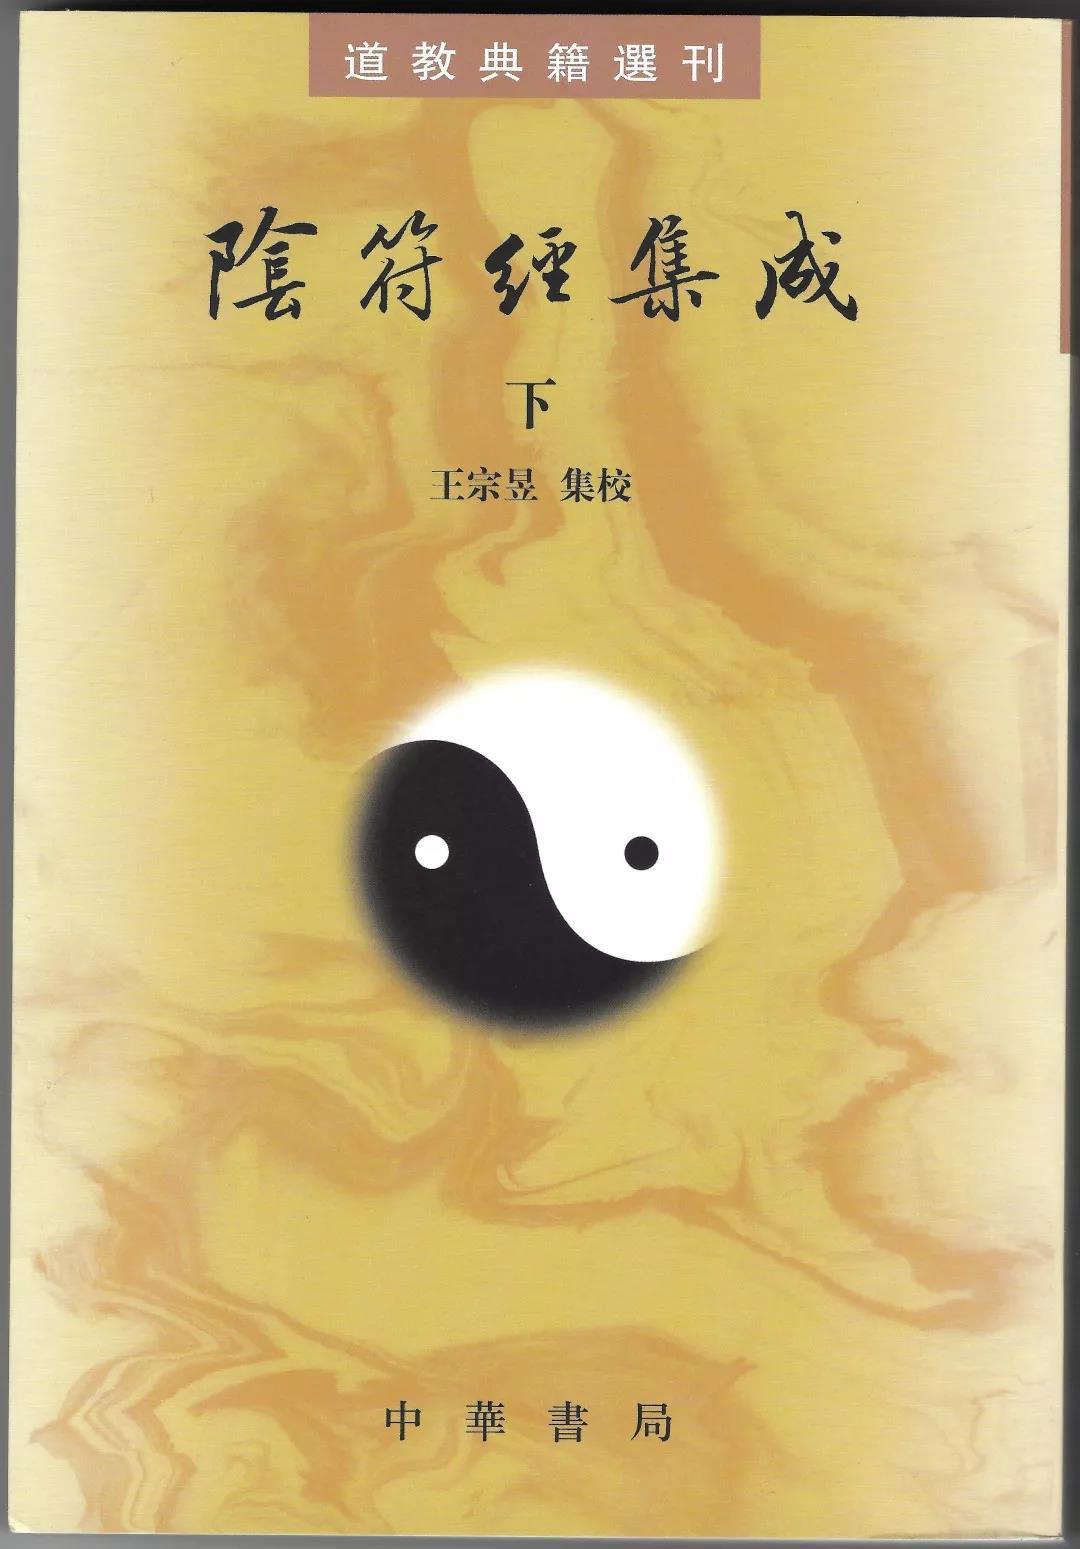 新书推介:王宗昱集校《阴符经集成》(上、下)